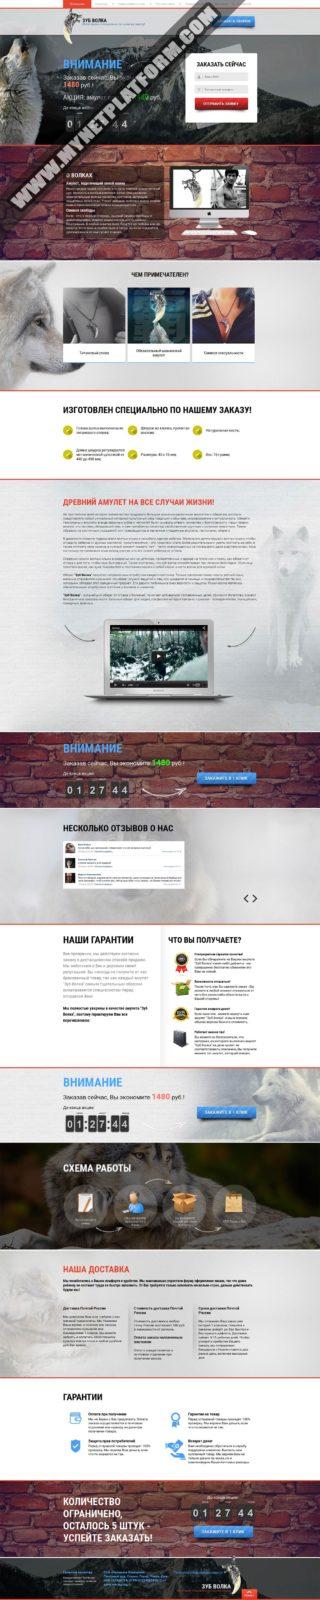 Скриншот готового лендинга для товара Амулет Зуб Волка 01